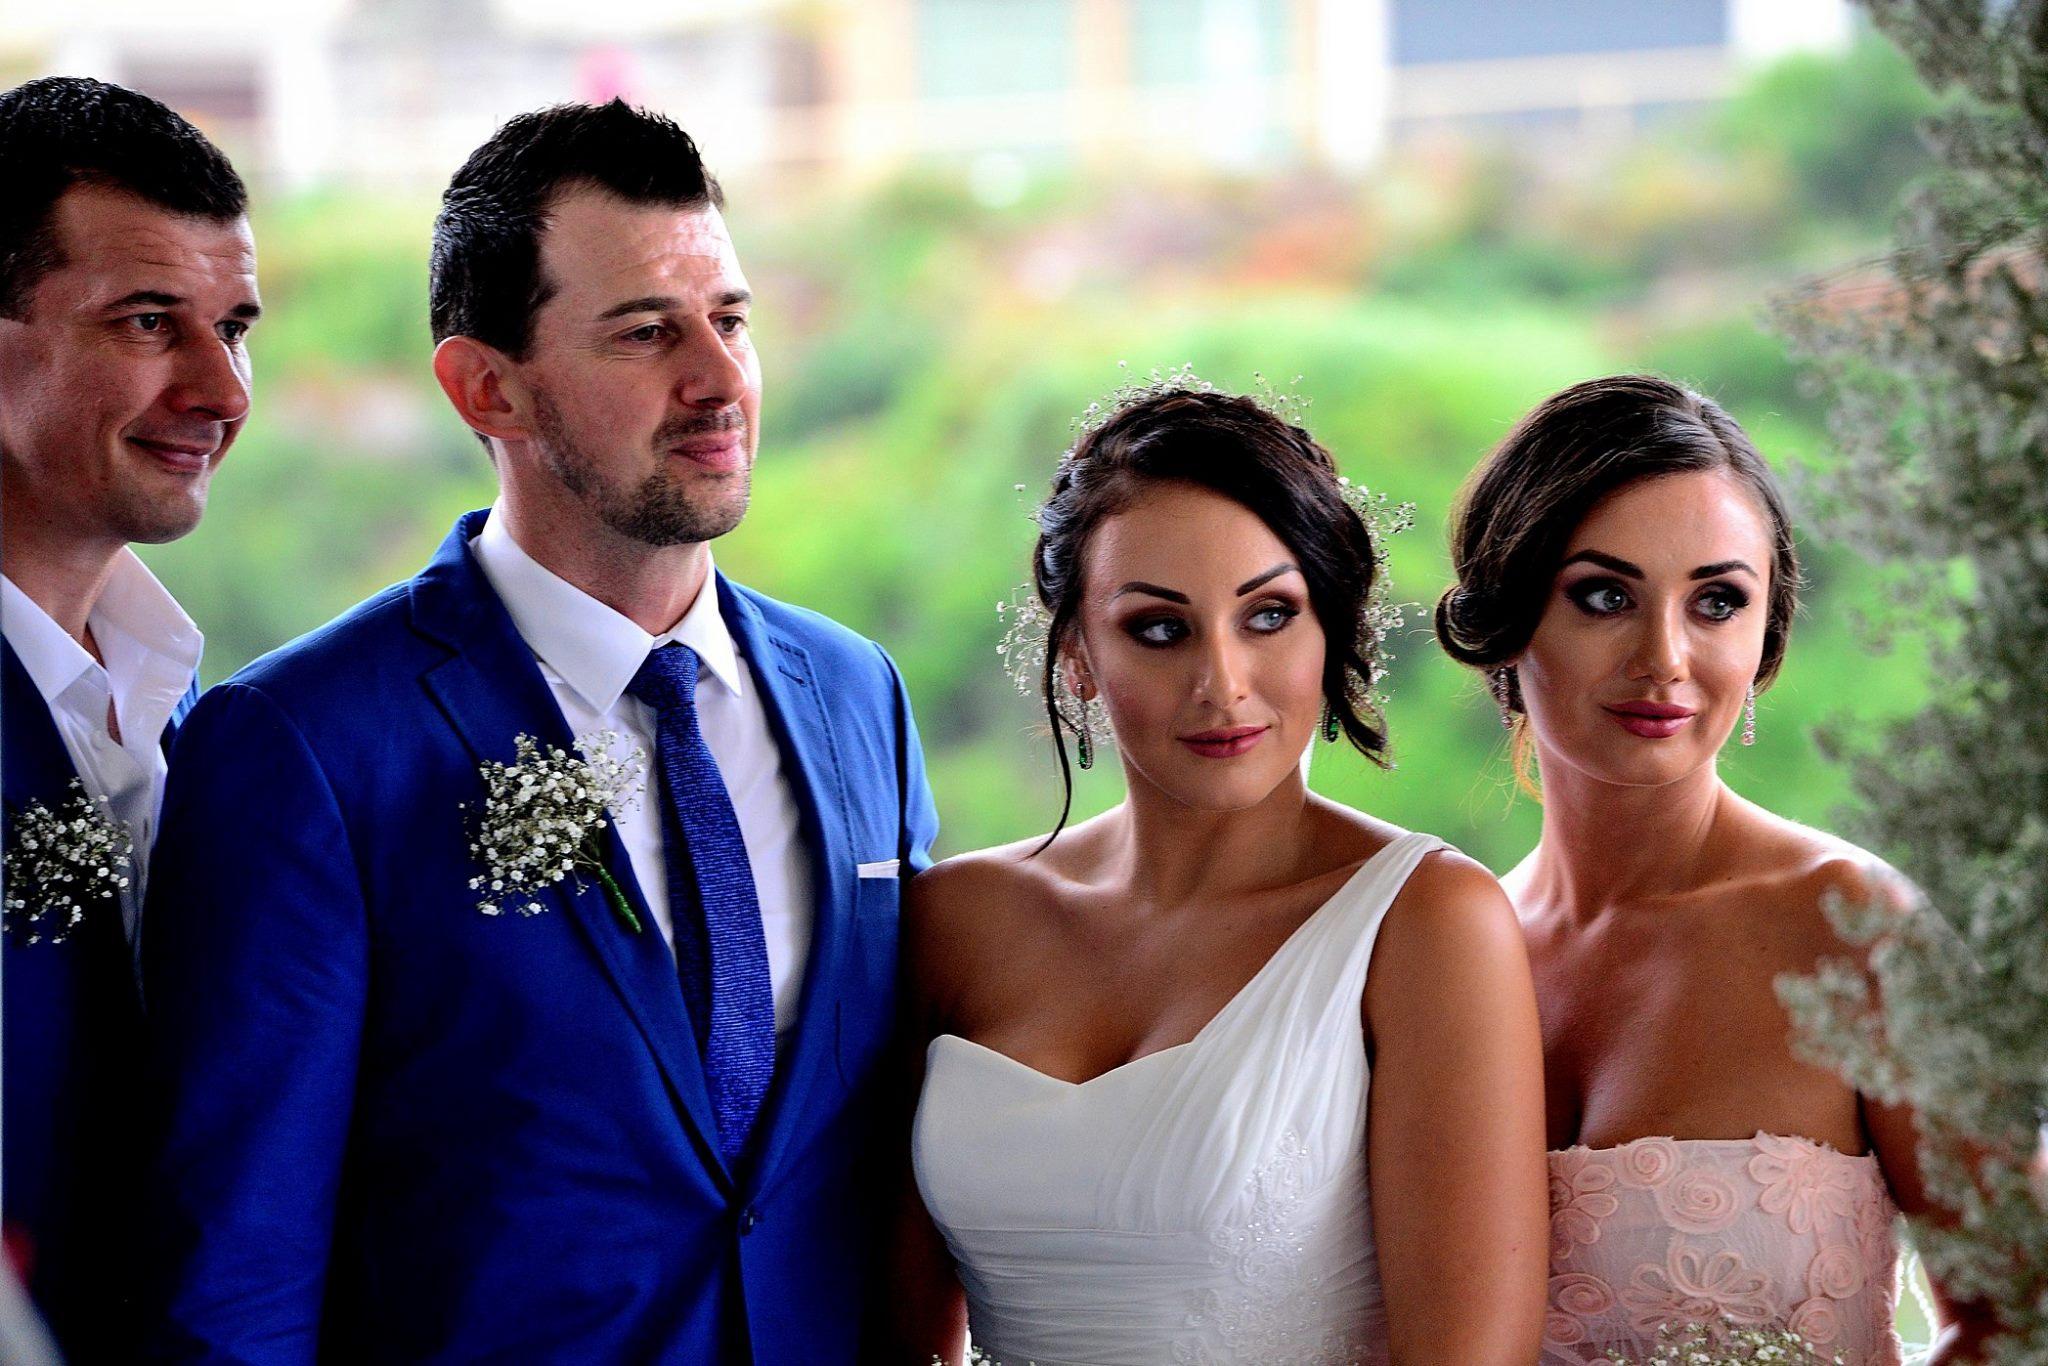 JP's wedding